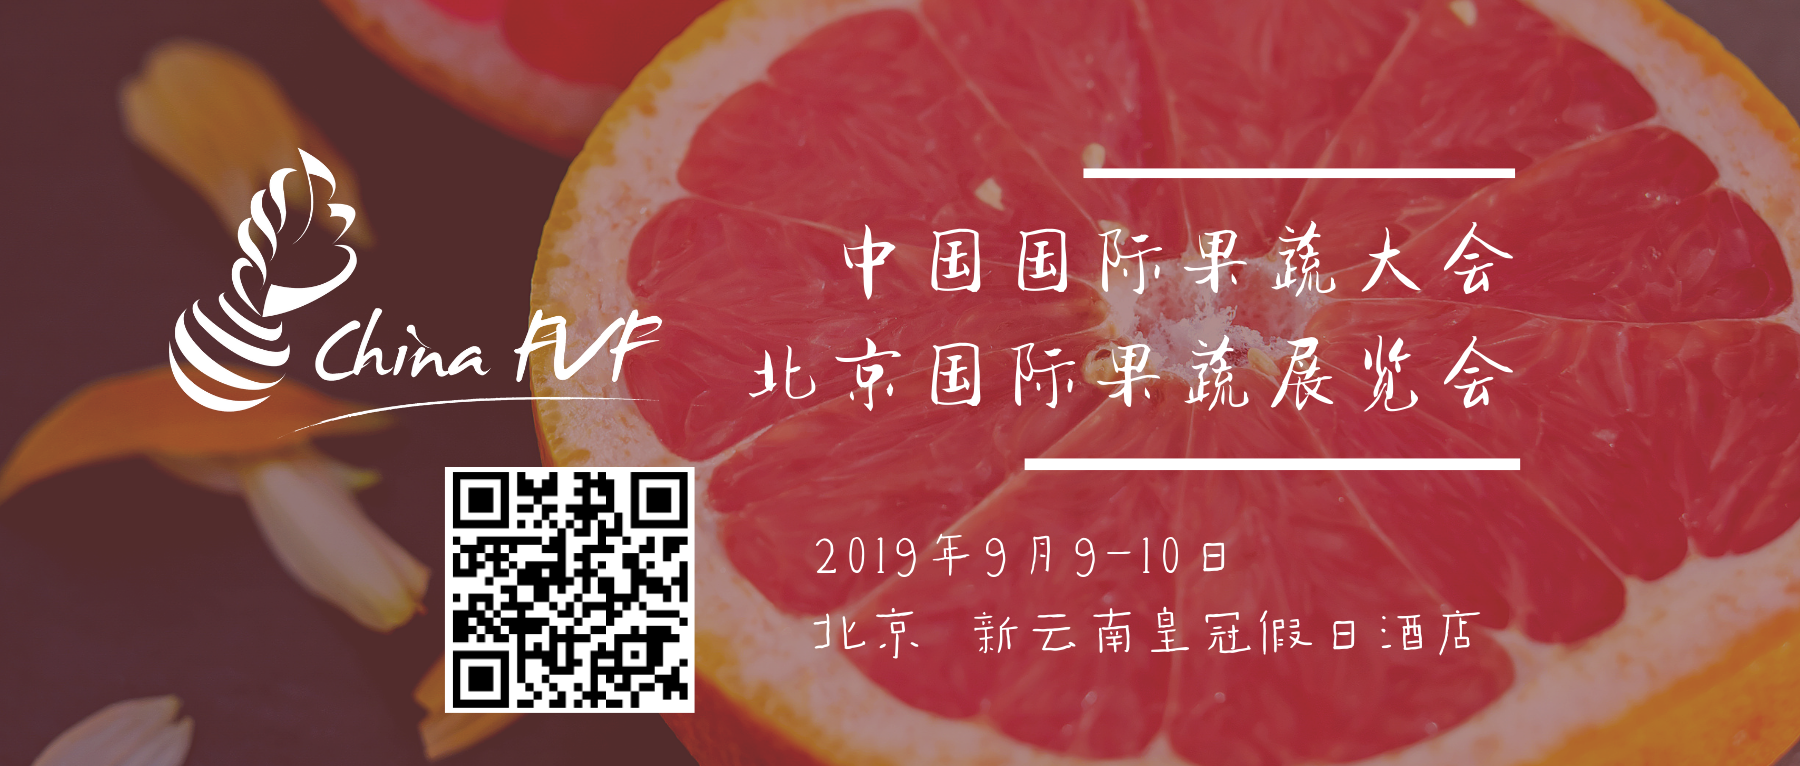 中国(北京)国际果蔬展览会暨研讨会